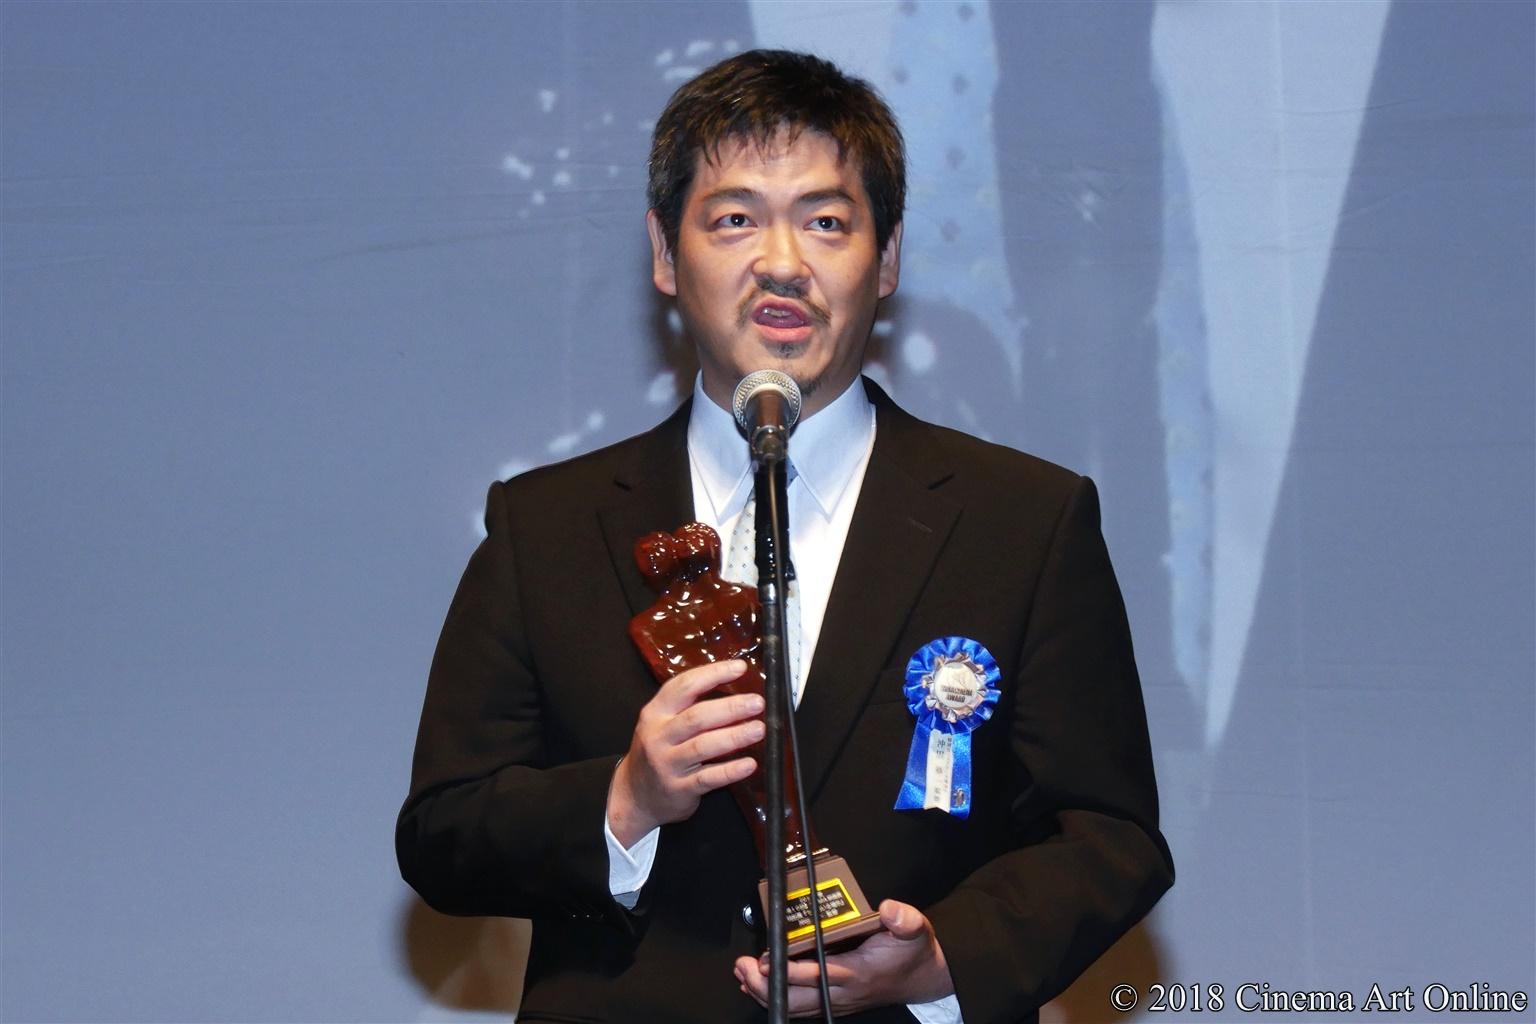 【写真】第10回 TAMA映画賞 授賞式 (沖田修一監督)